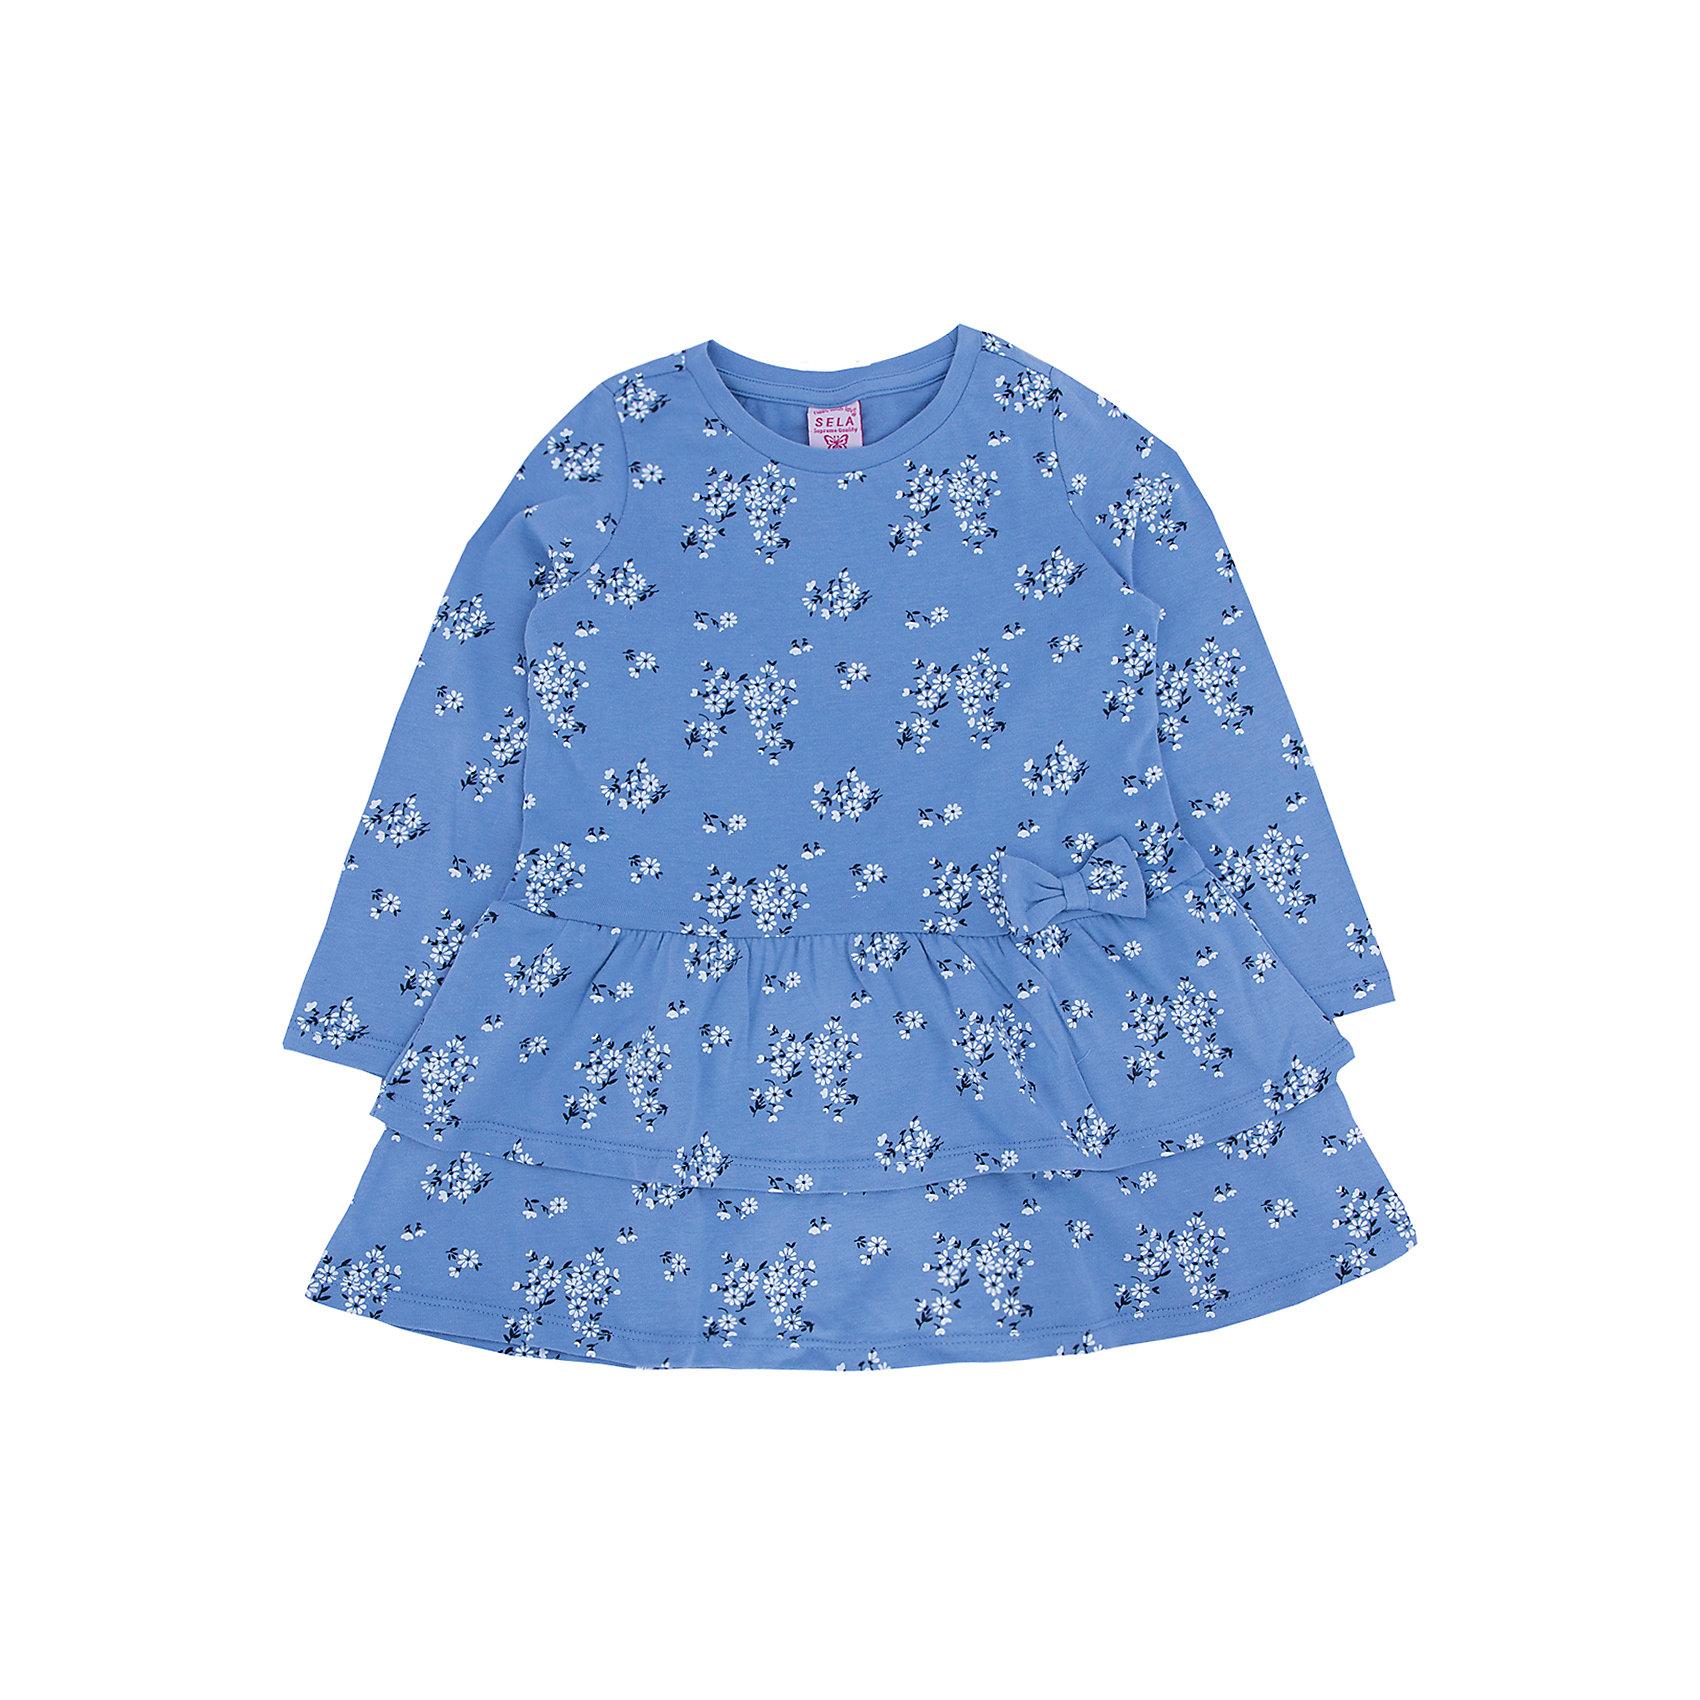 Платье для девочки SELAПлатья и сарафаны<br>Нежное и очень удобное платье для девочки.<br>Такое платье очень универсально, его можно одеть как в школу, так и на какой-нибудь праздник или пойти в нем гулять.<br>Ваша малышка будет с удовольствием его носить.<br><br>Дополнительная информация:<br><br>- Свободный крой.<br>- Длинный рукав, длина до колен, силуэт расширенный к низу.<br>- Цвет: деним.<br>- Состав: хлопок - 100%<br>- Бренд: SELA<br>- Коллекция: осень-зима 2016-2017<br><br>Купить платье для девочки от SELA можно в нашем магазине.<br><br>Ширина мм: 236<br>Глубина мм: 16<br>Высота мм: 184<br>Вес г: 177<br>Цвет: синий<br>Возраст от месяцев: 60<br>Возраст до месяцев: 72<br>Пол: Женский<br>Возраст: Детский<br>Размер: 116,92,98,104,110<br>SKU: 4883486